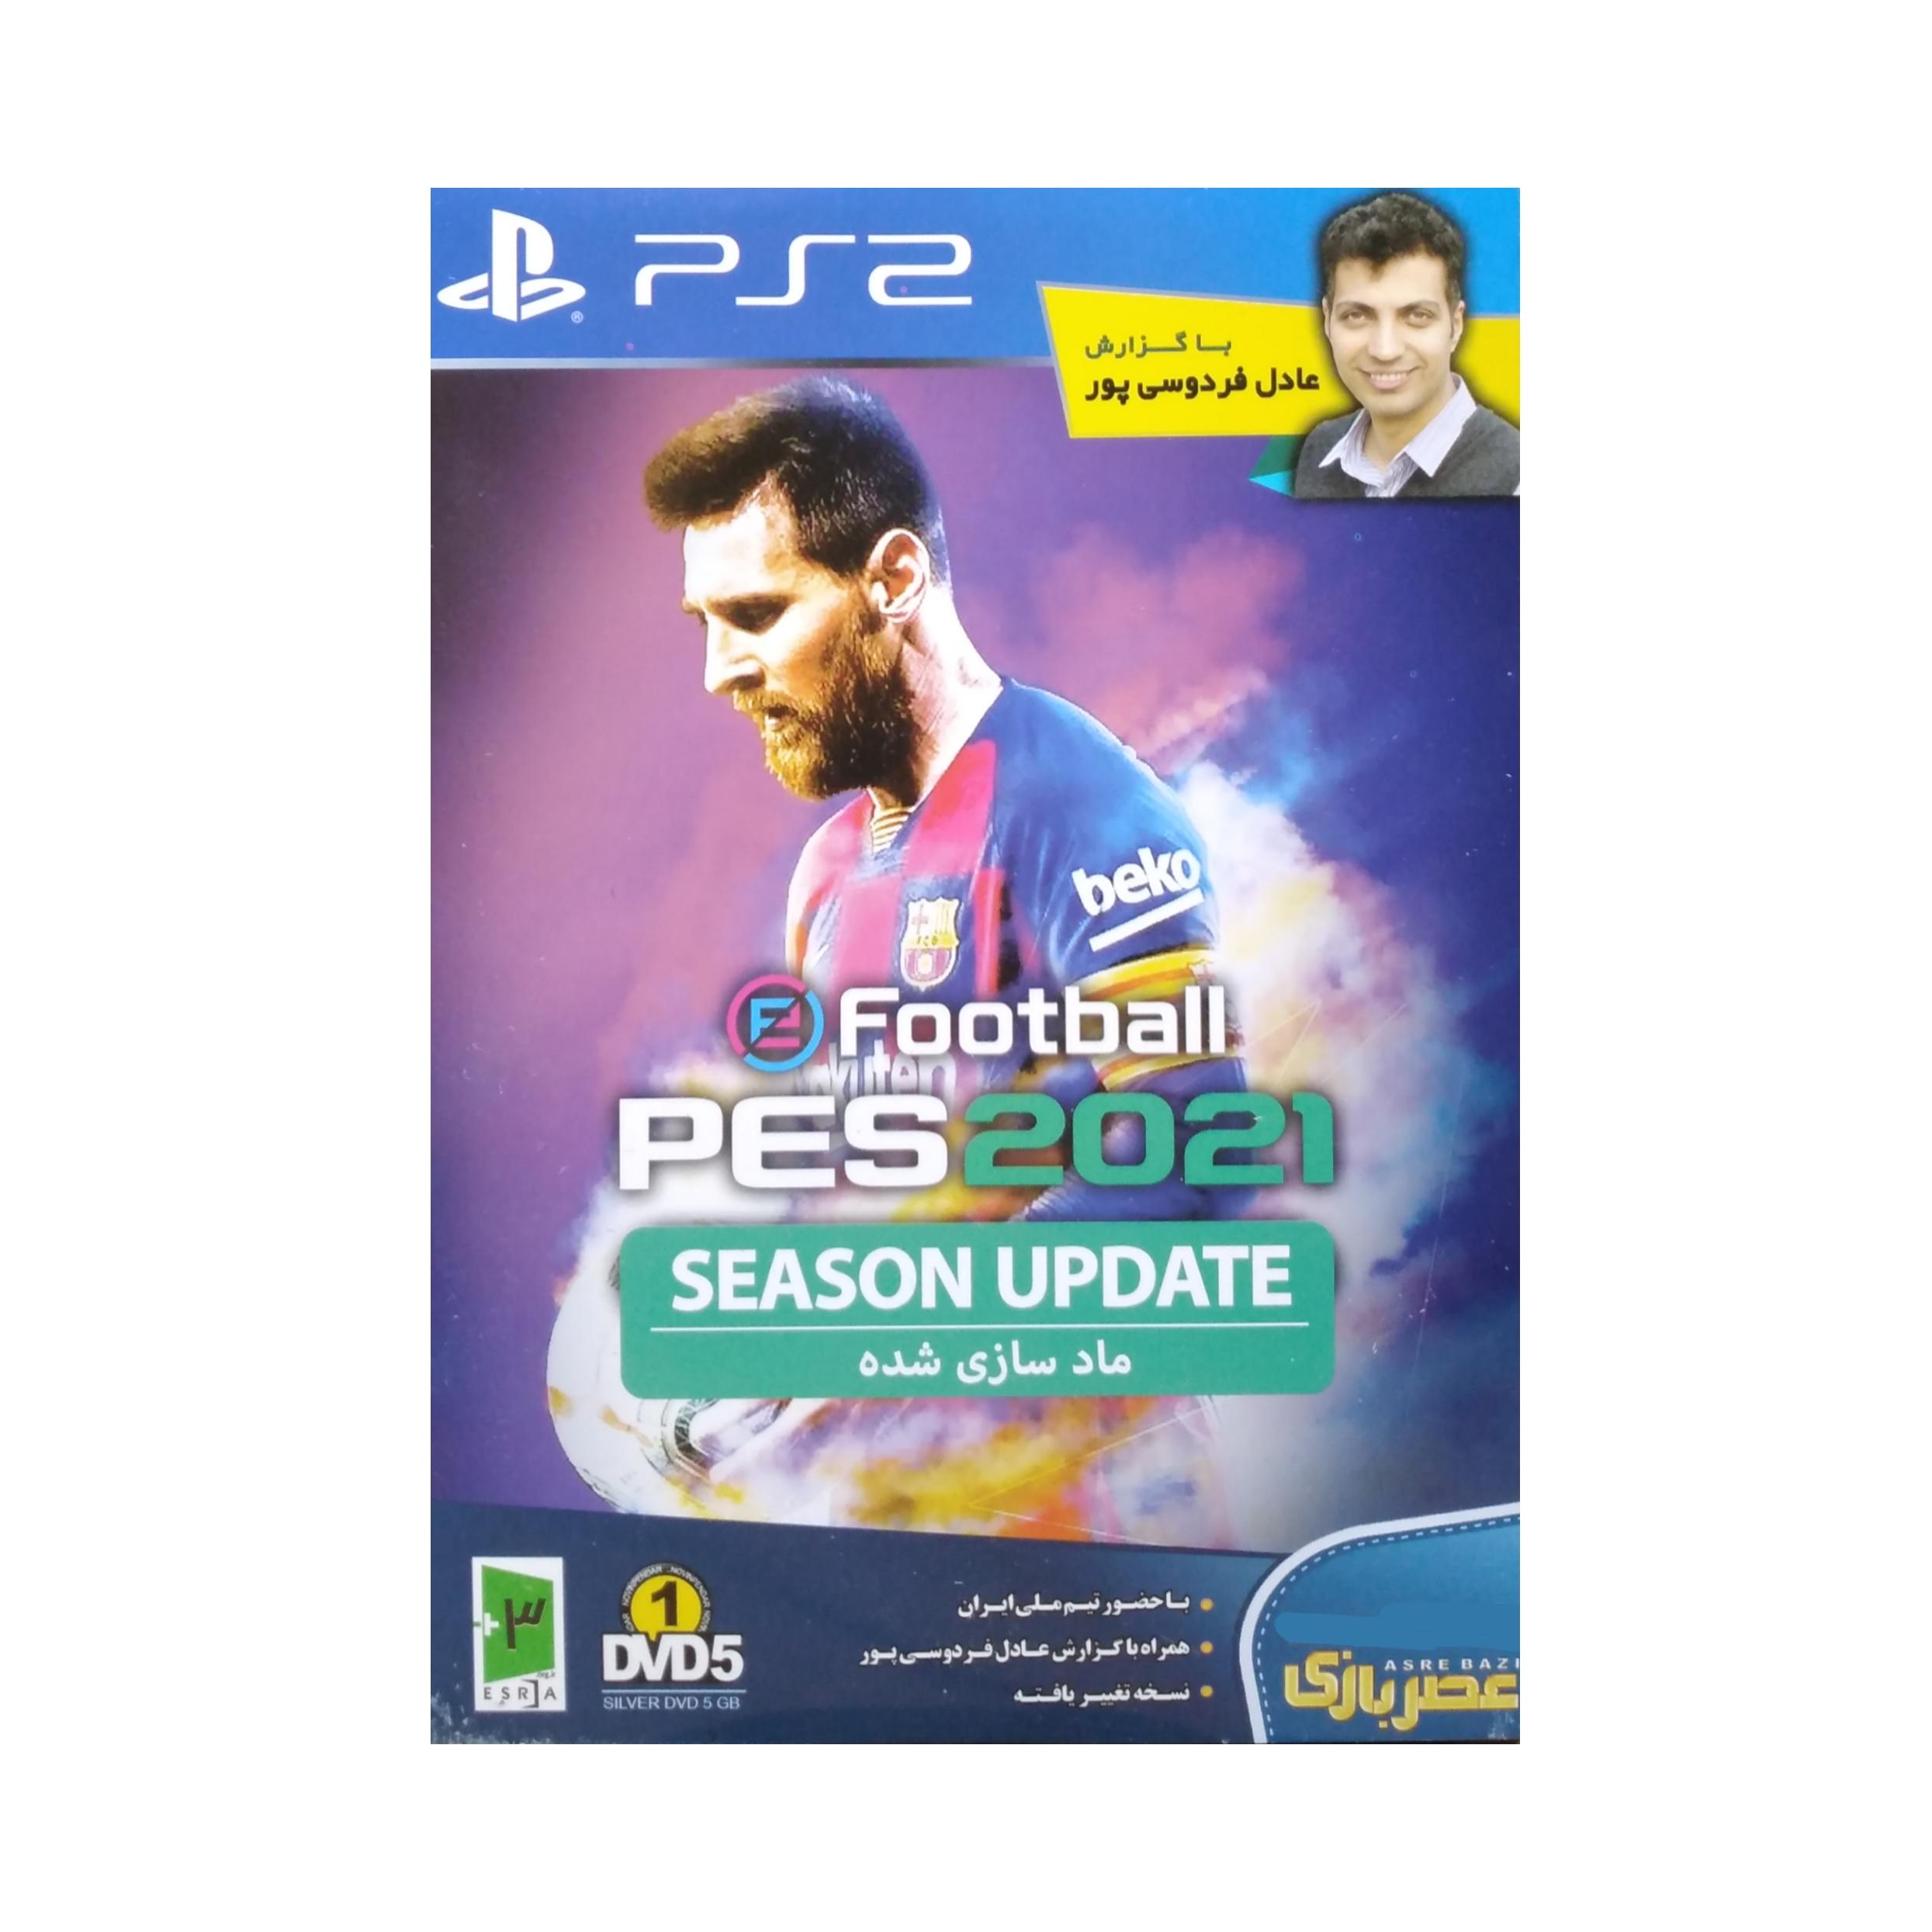 بازی pes 2021 با گزارش فارسی عادل فردوسی پور مخصوص ps2 نشرعصر بازی